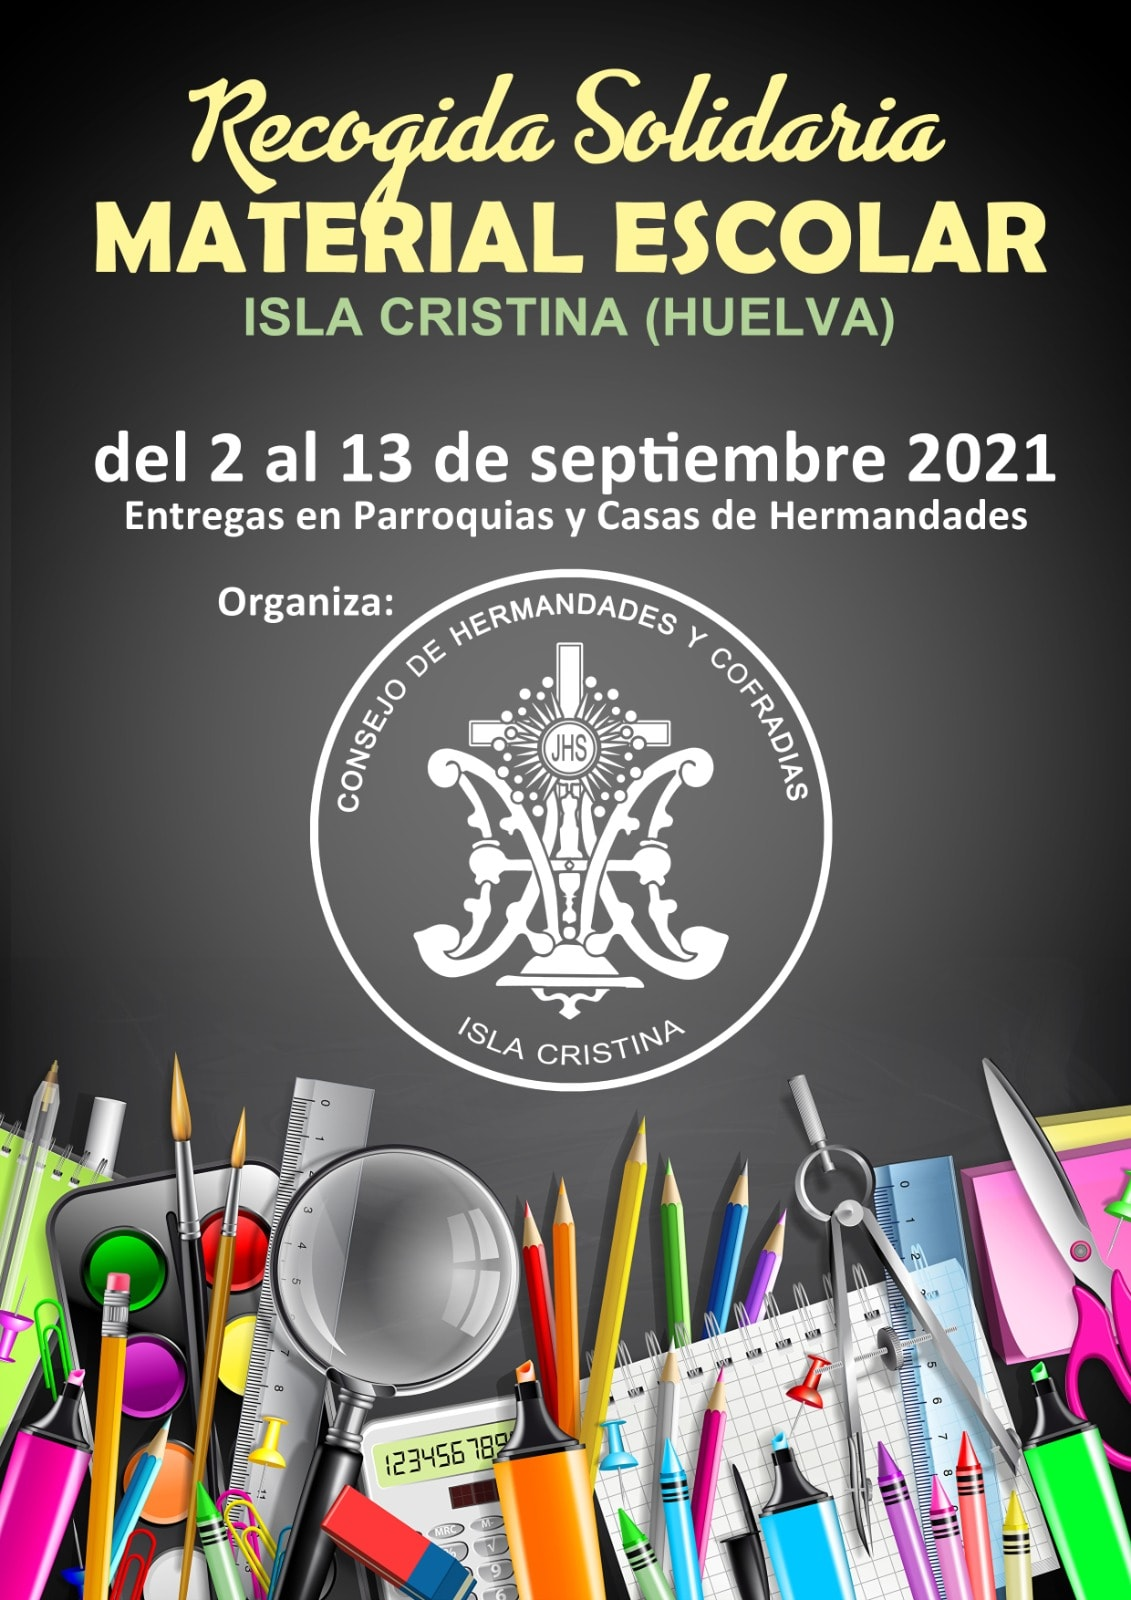 Recogida Solidaria en Isla Cristina de Material Escolar